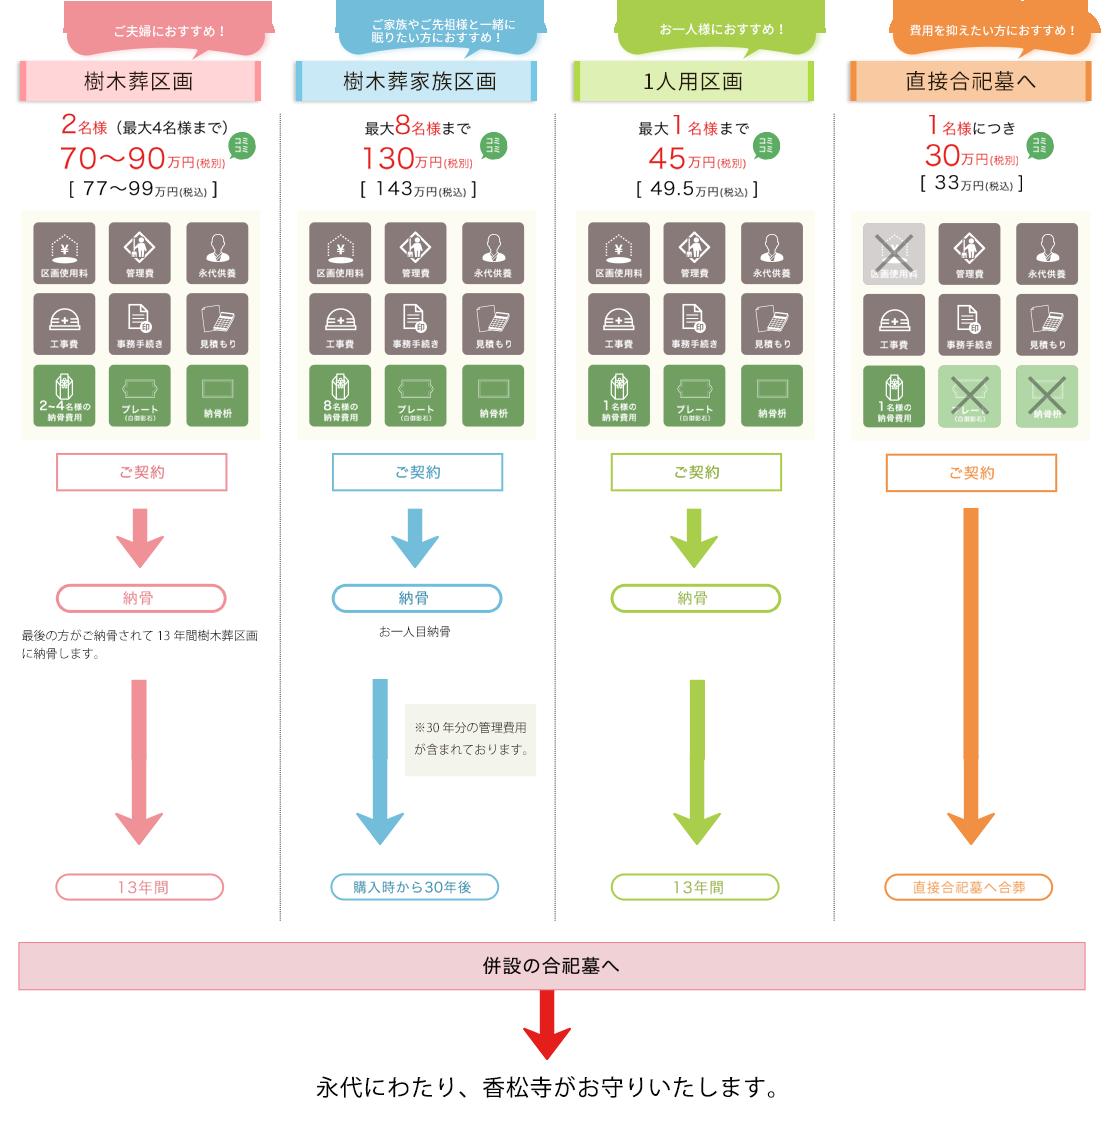 香松寺樹木葬霊園の料金システム